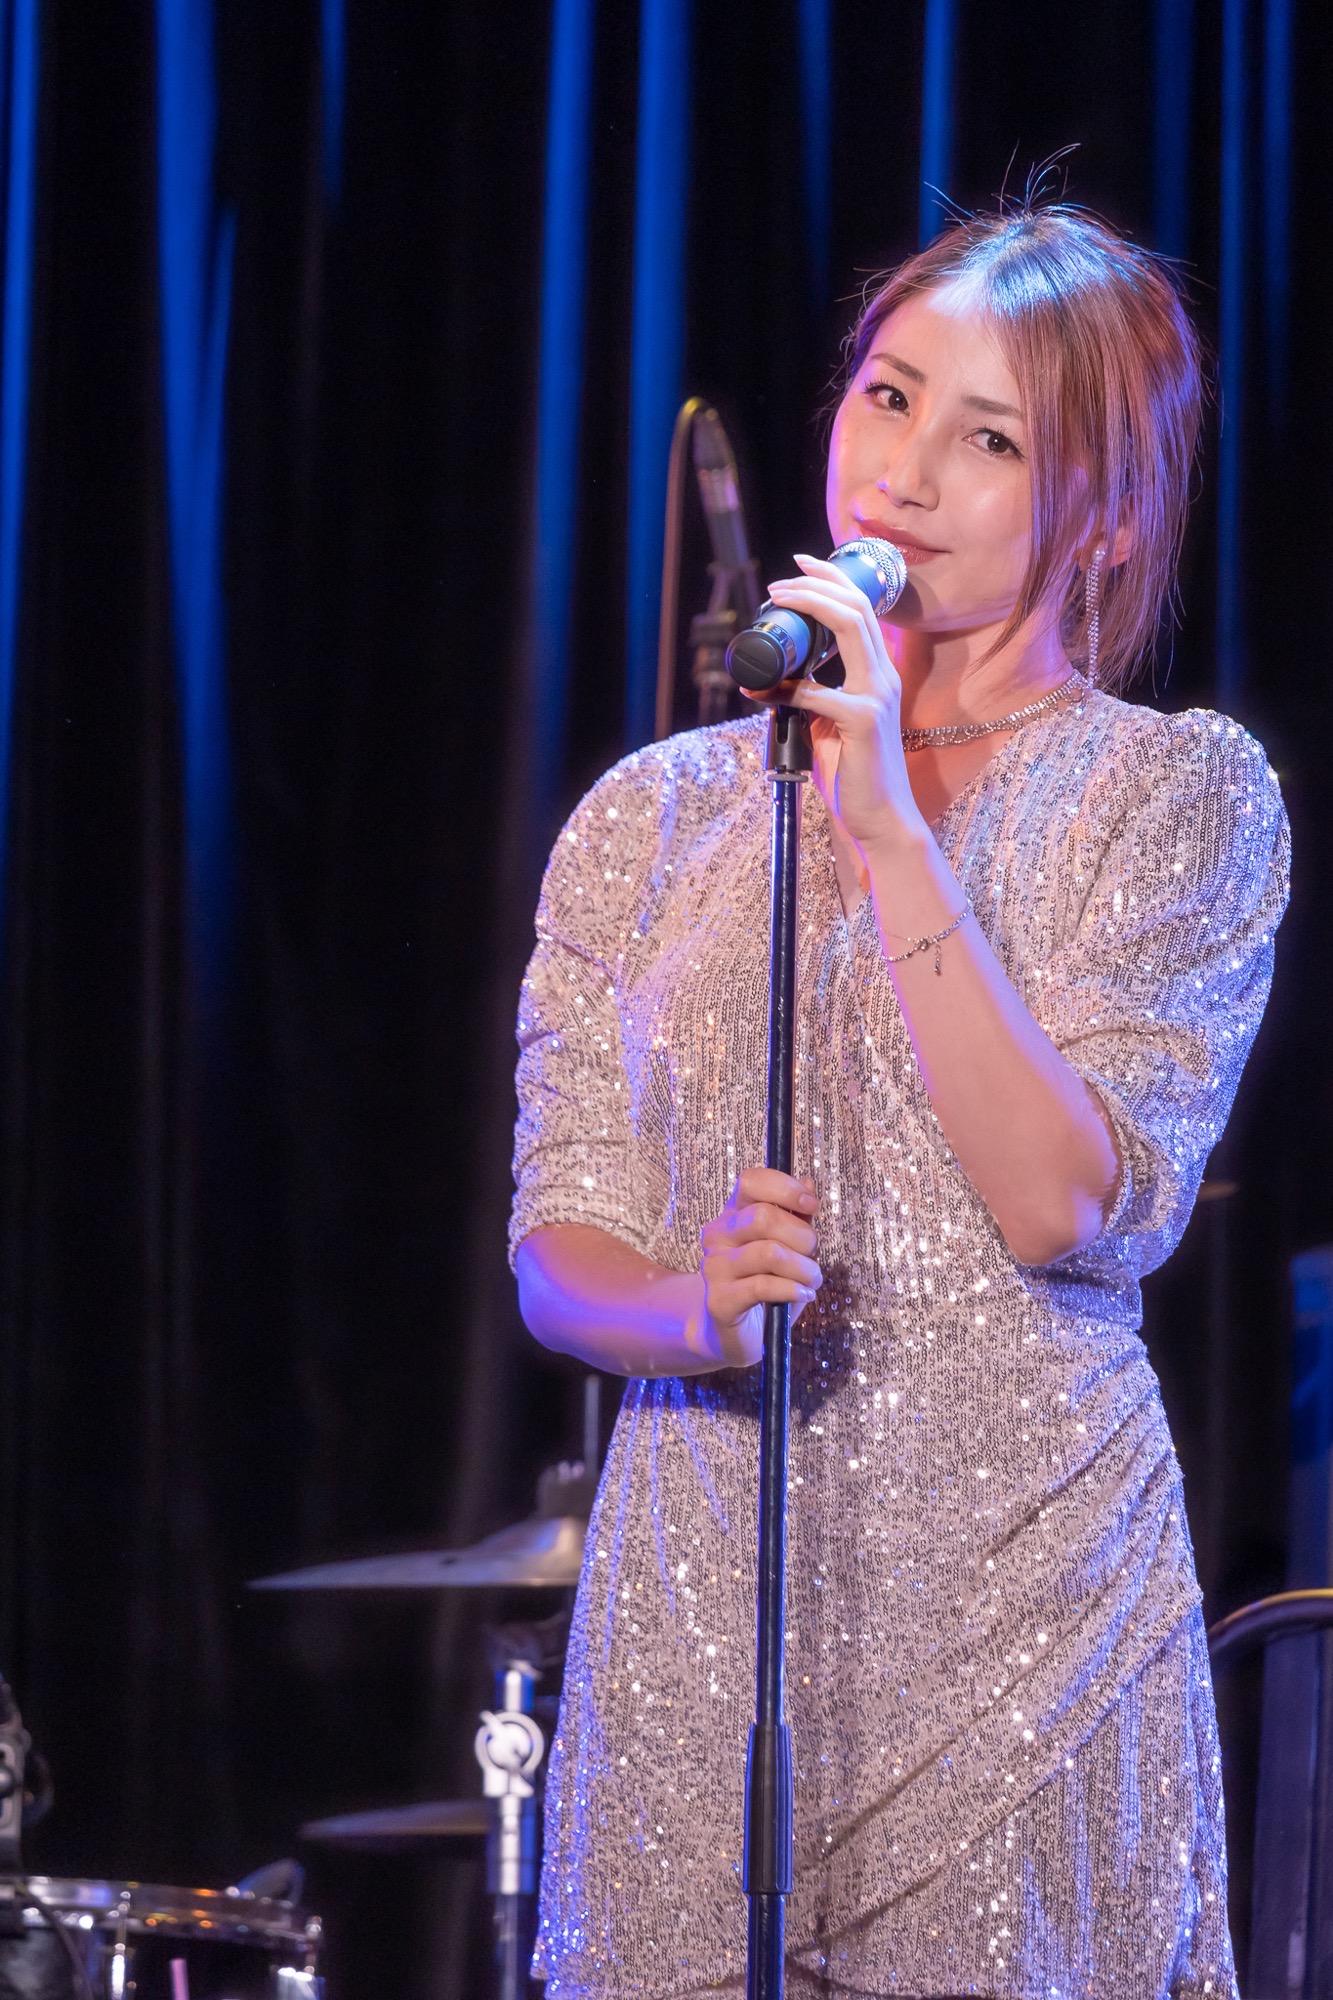 吉川友、新曲「どんな時も笑顔で」